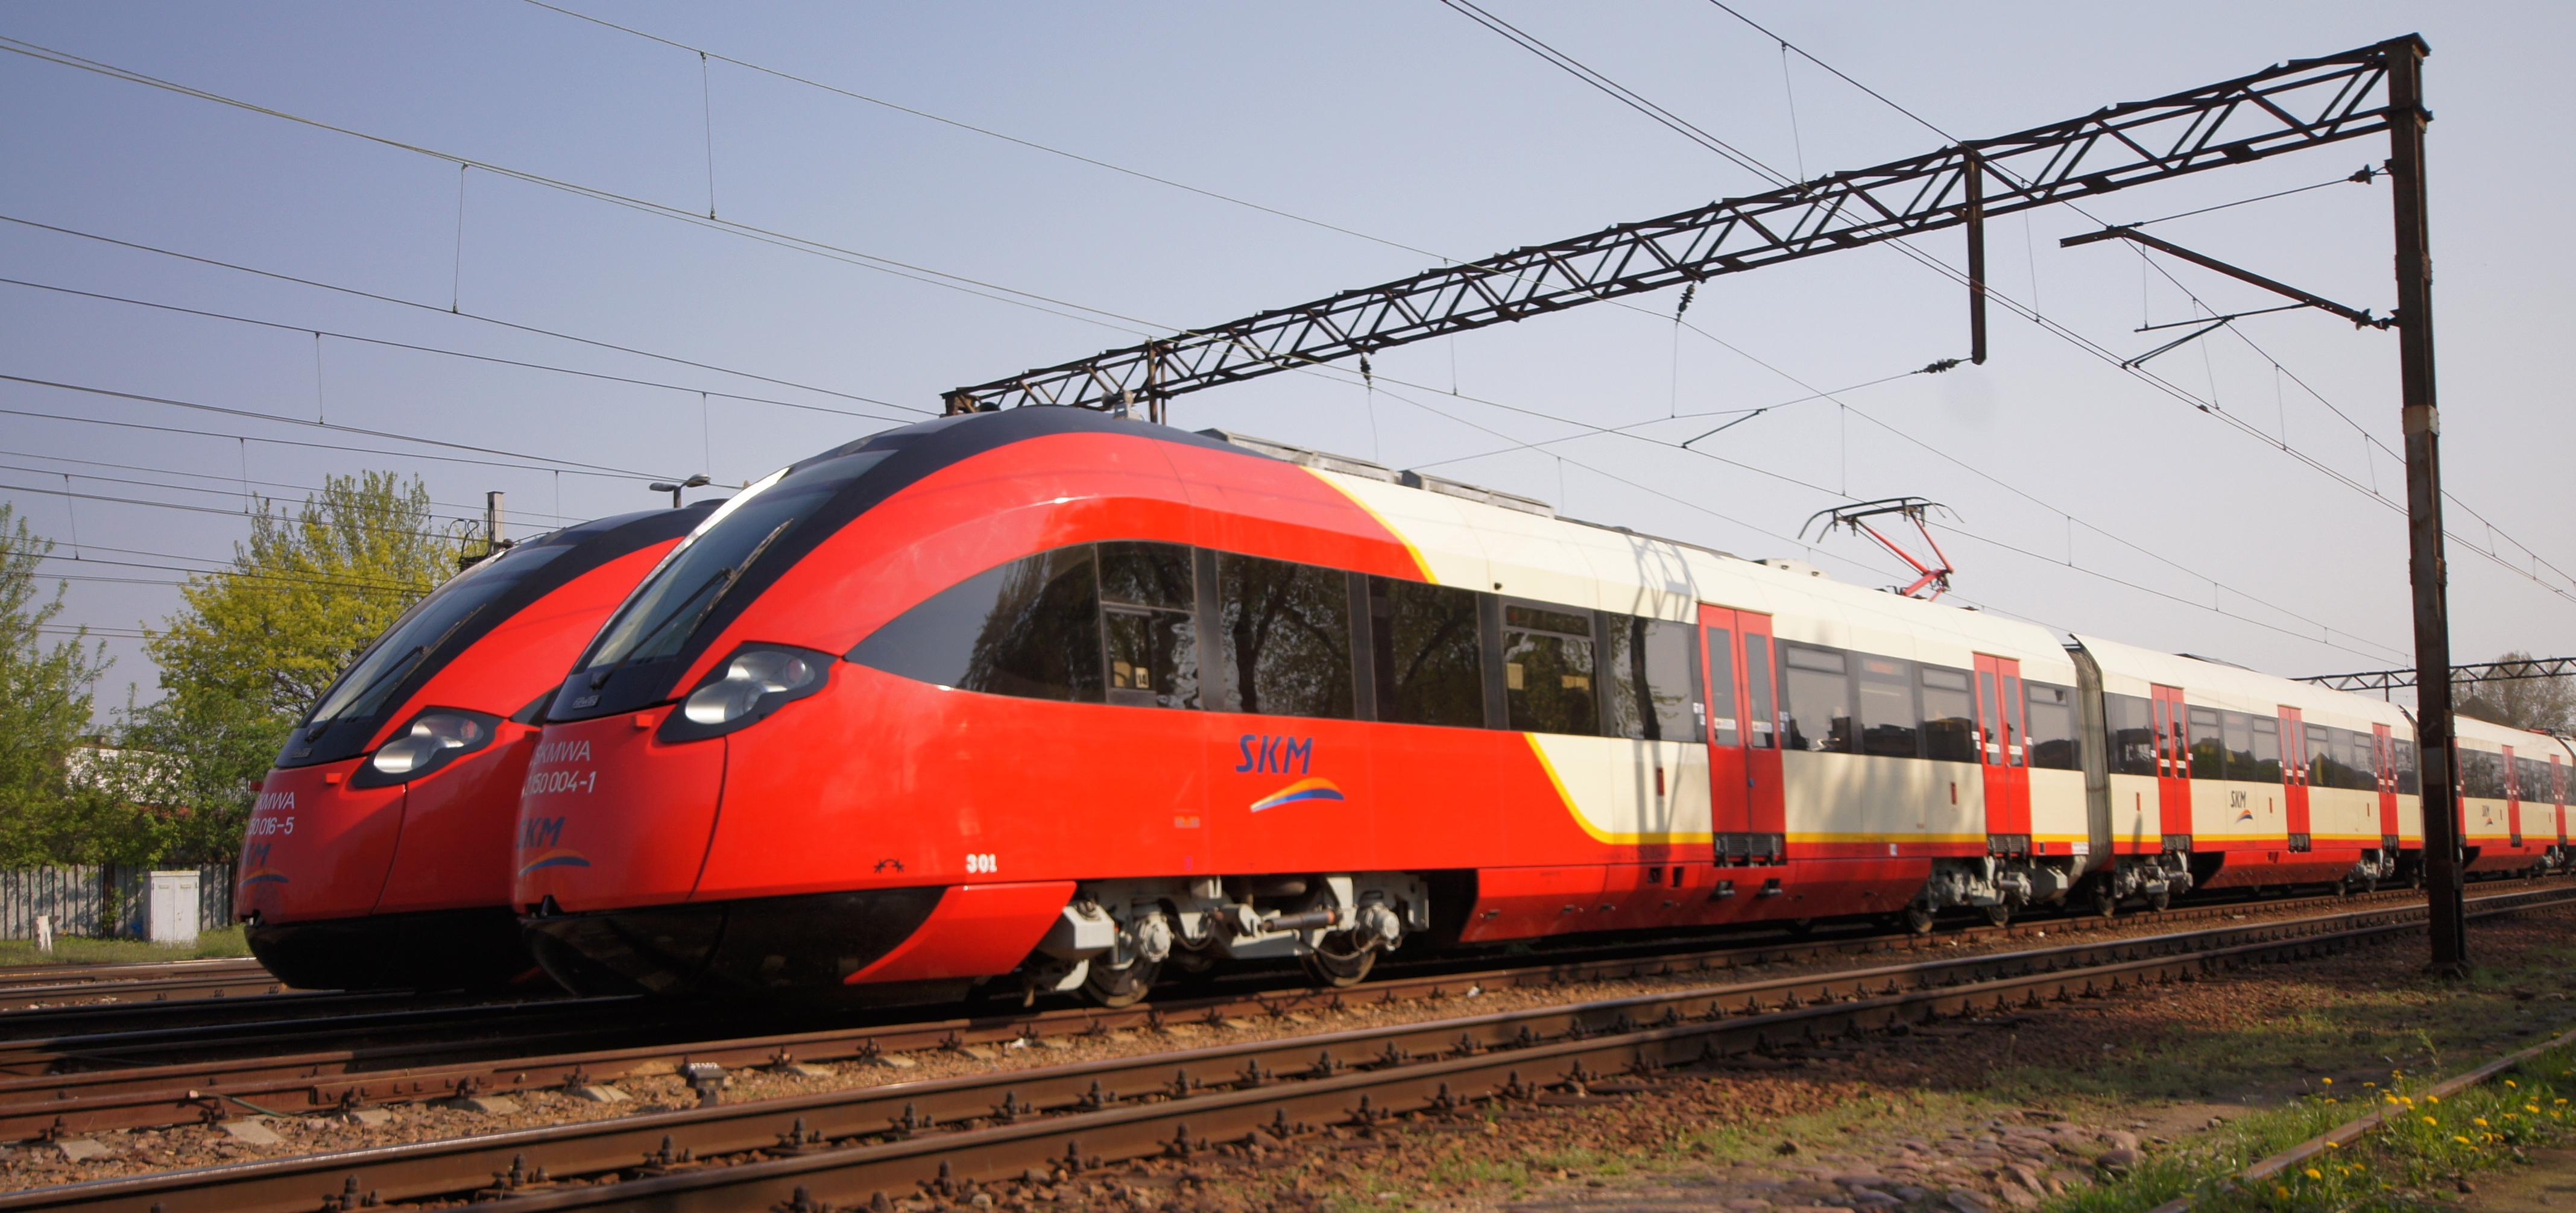 Dworzec Wschodni PKP